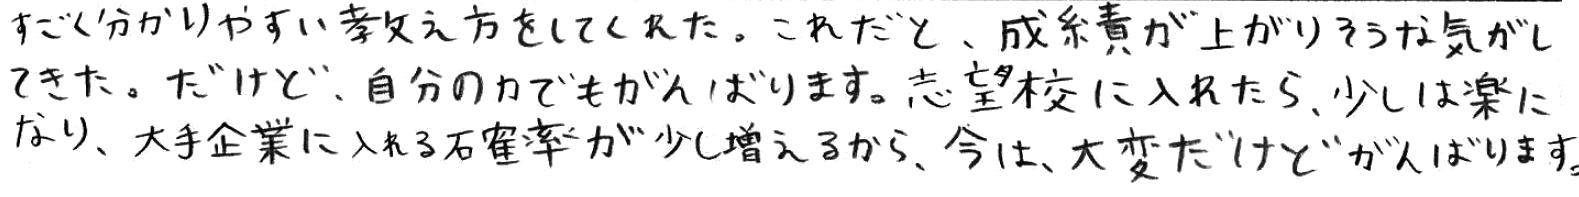 R君(犬山市)からの口コミ